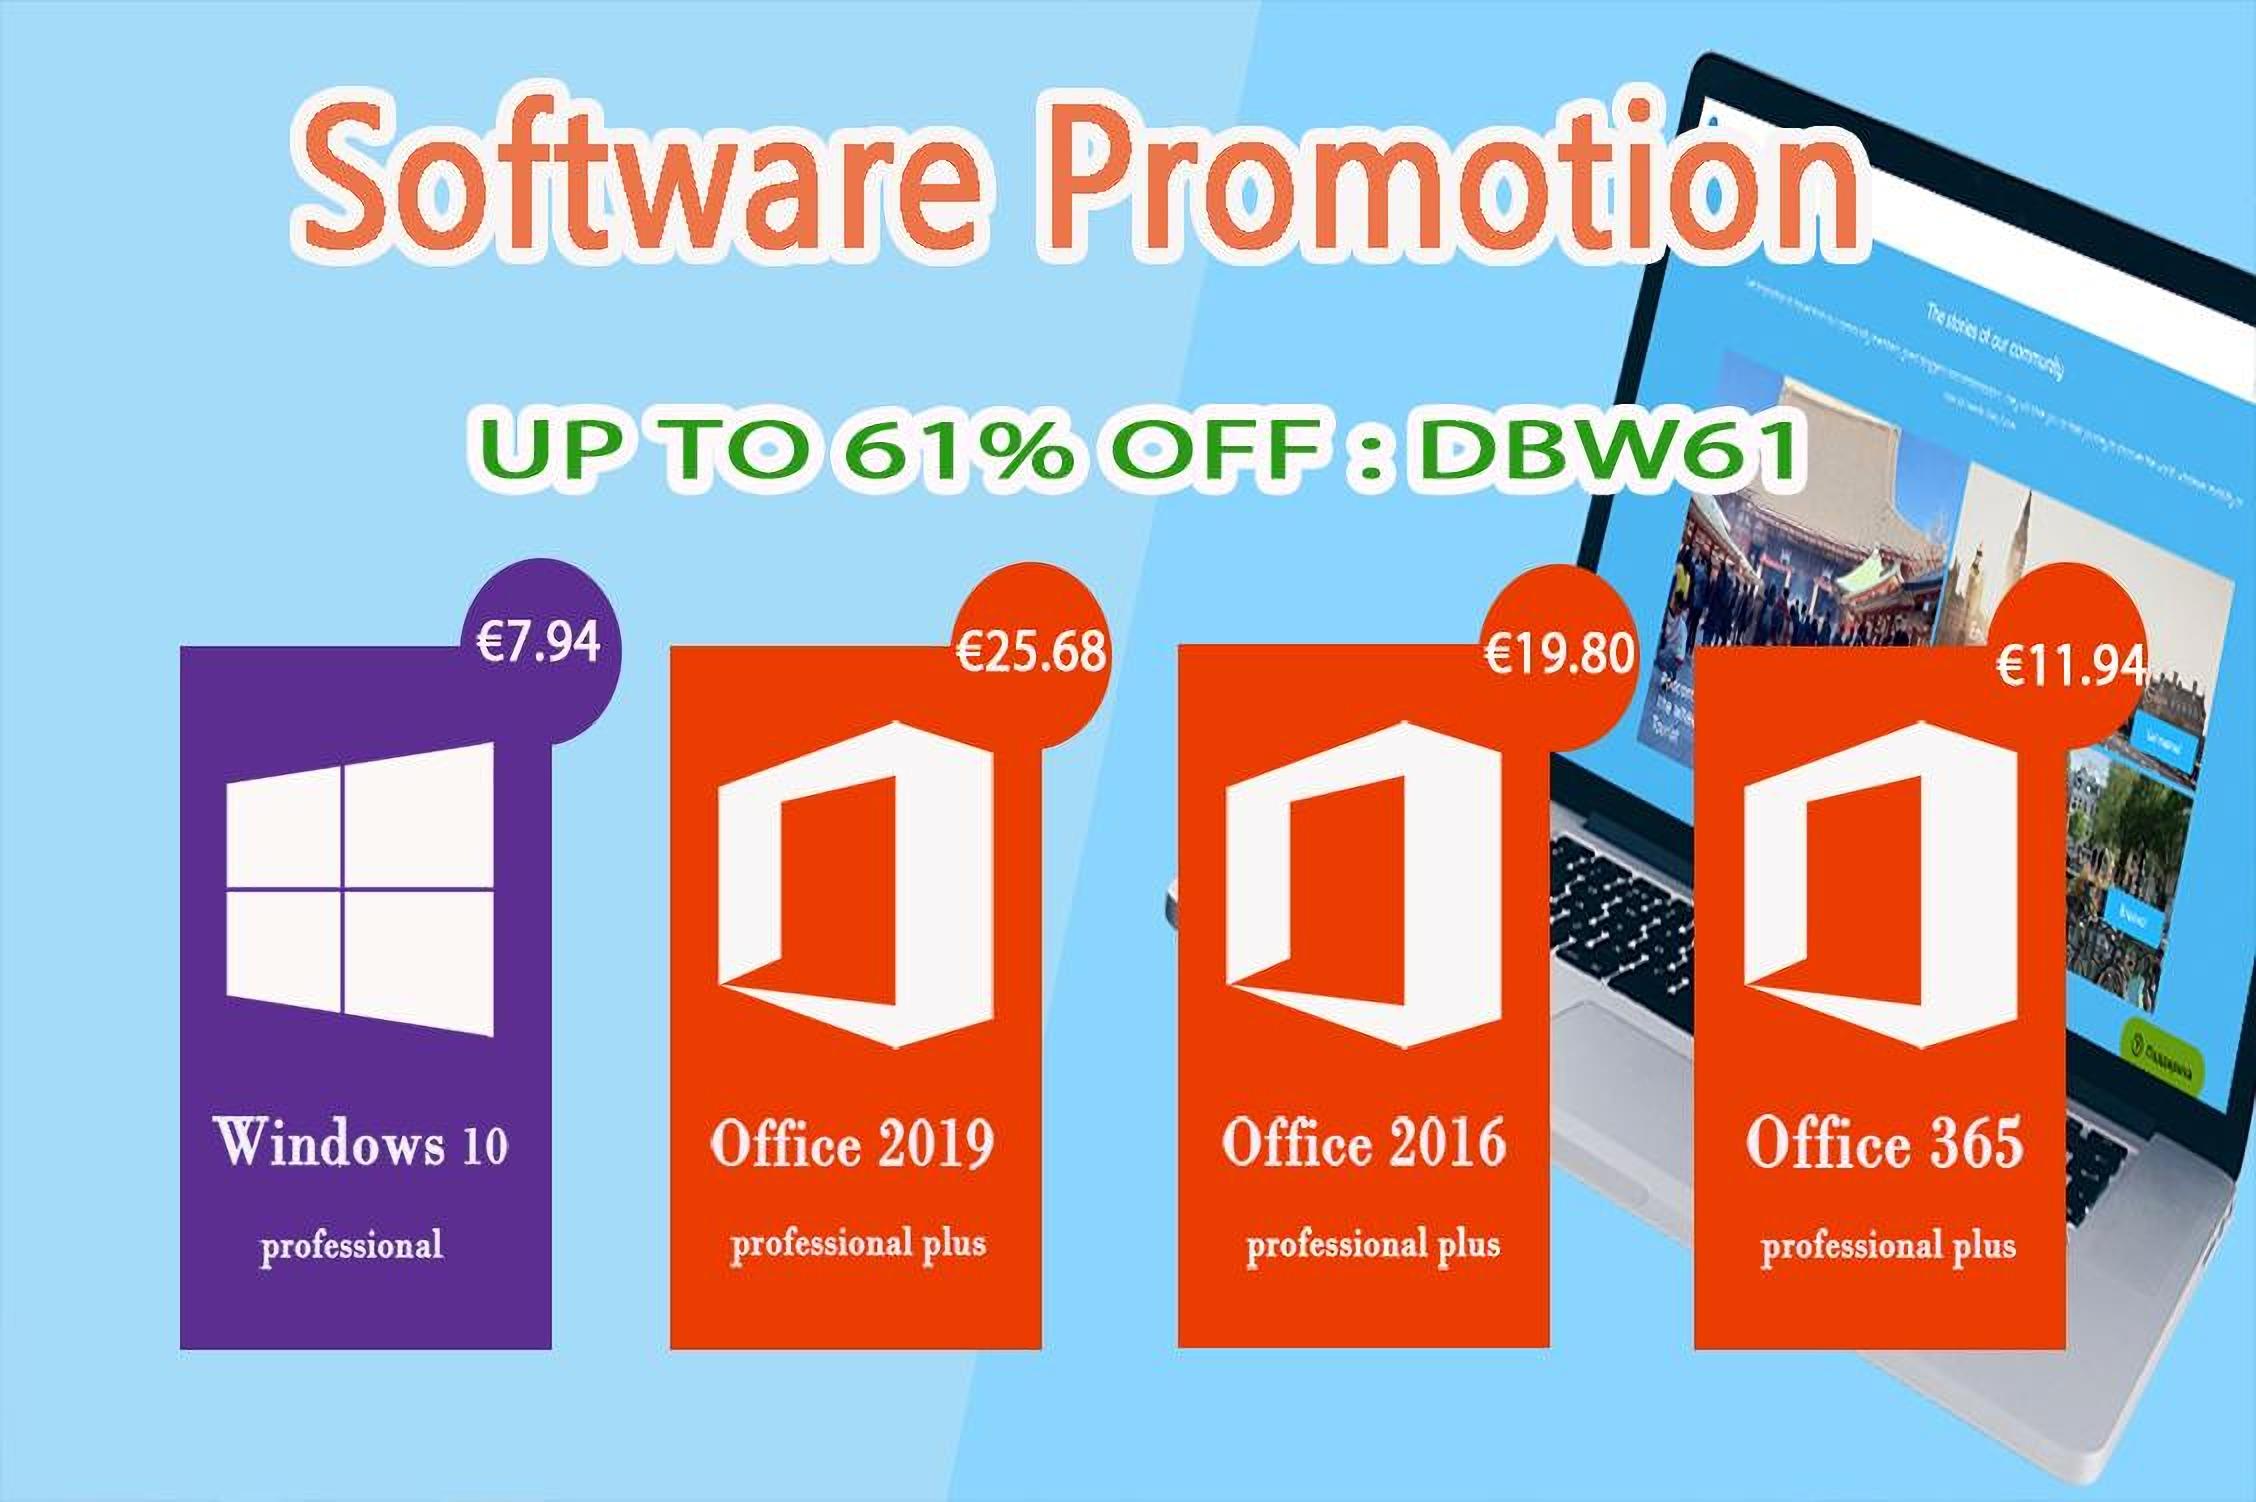 Pořiďte si Windows 10 Pro nebo MS Office 2016 Pro za bezkonkurenční ceny! [sponzorovaný článek]